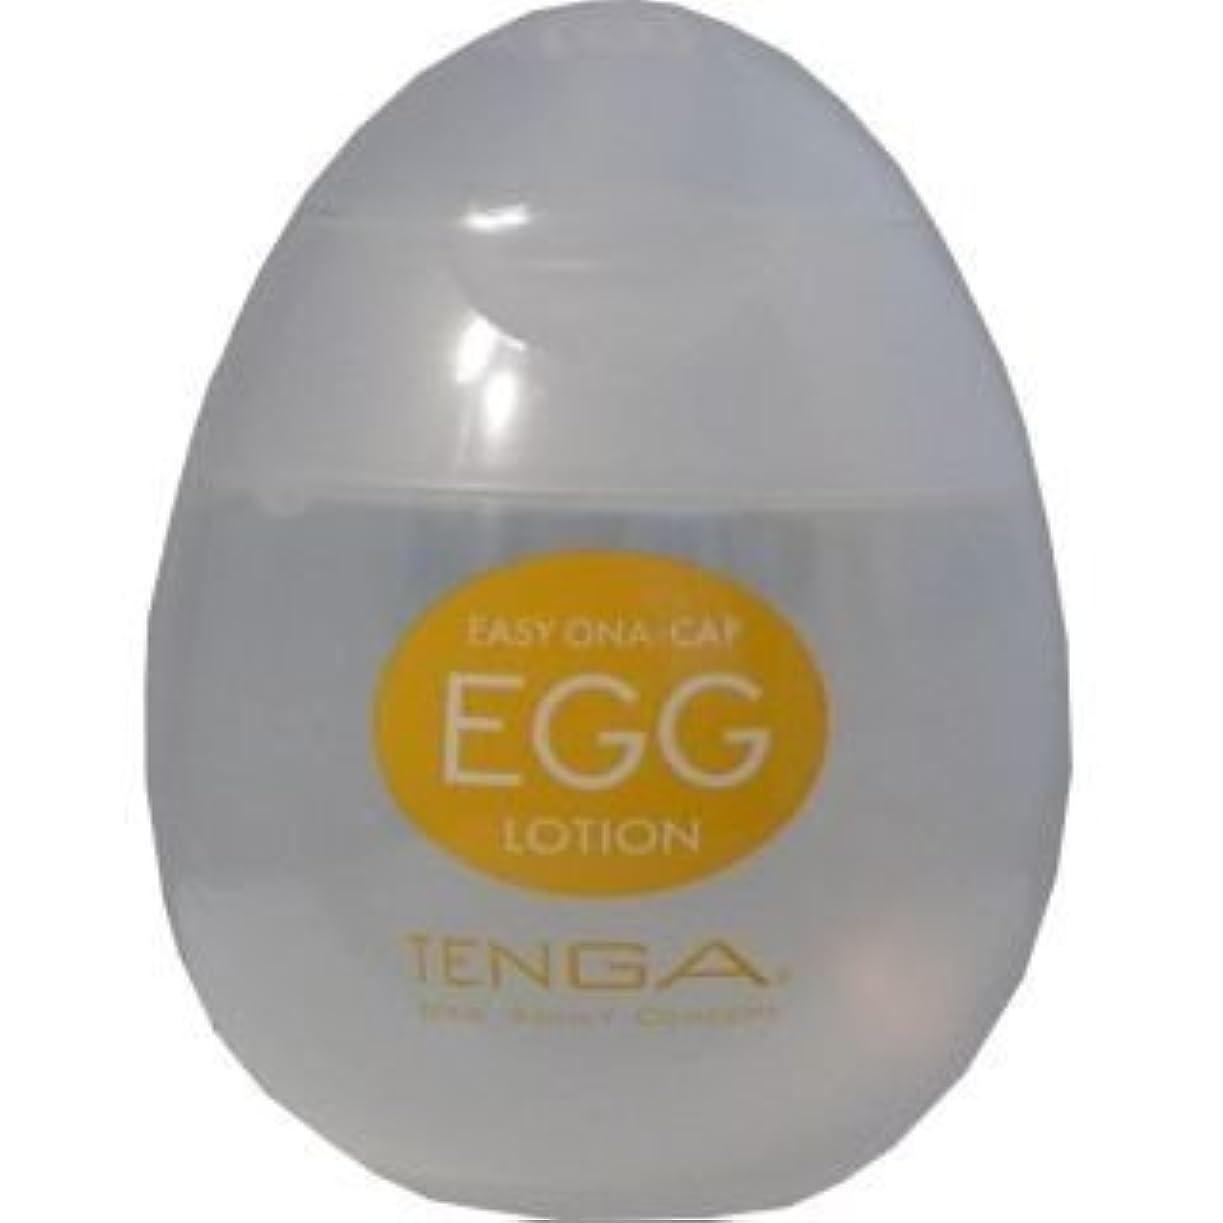 肥満リーガンアレルギー性保湿成分配合で潤い長持ち!TENGA(テンガ) EGG LOTION(エッグローション) EGGL-001【2個セット】